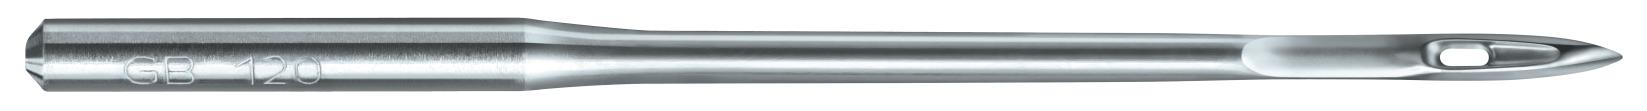 Швейная игла Groz-Beckert 134 LR №110 для кожи